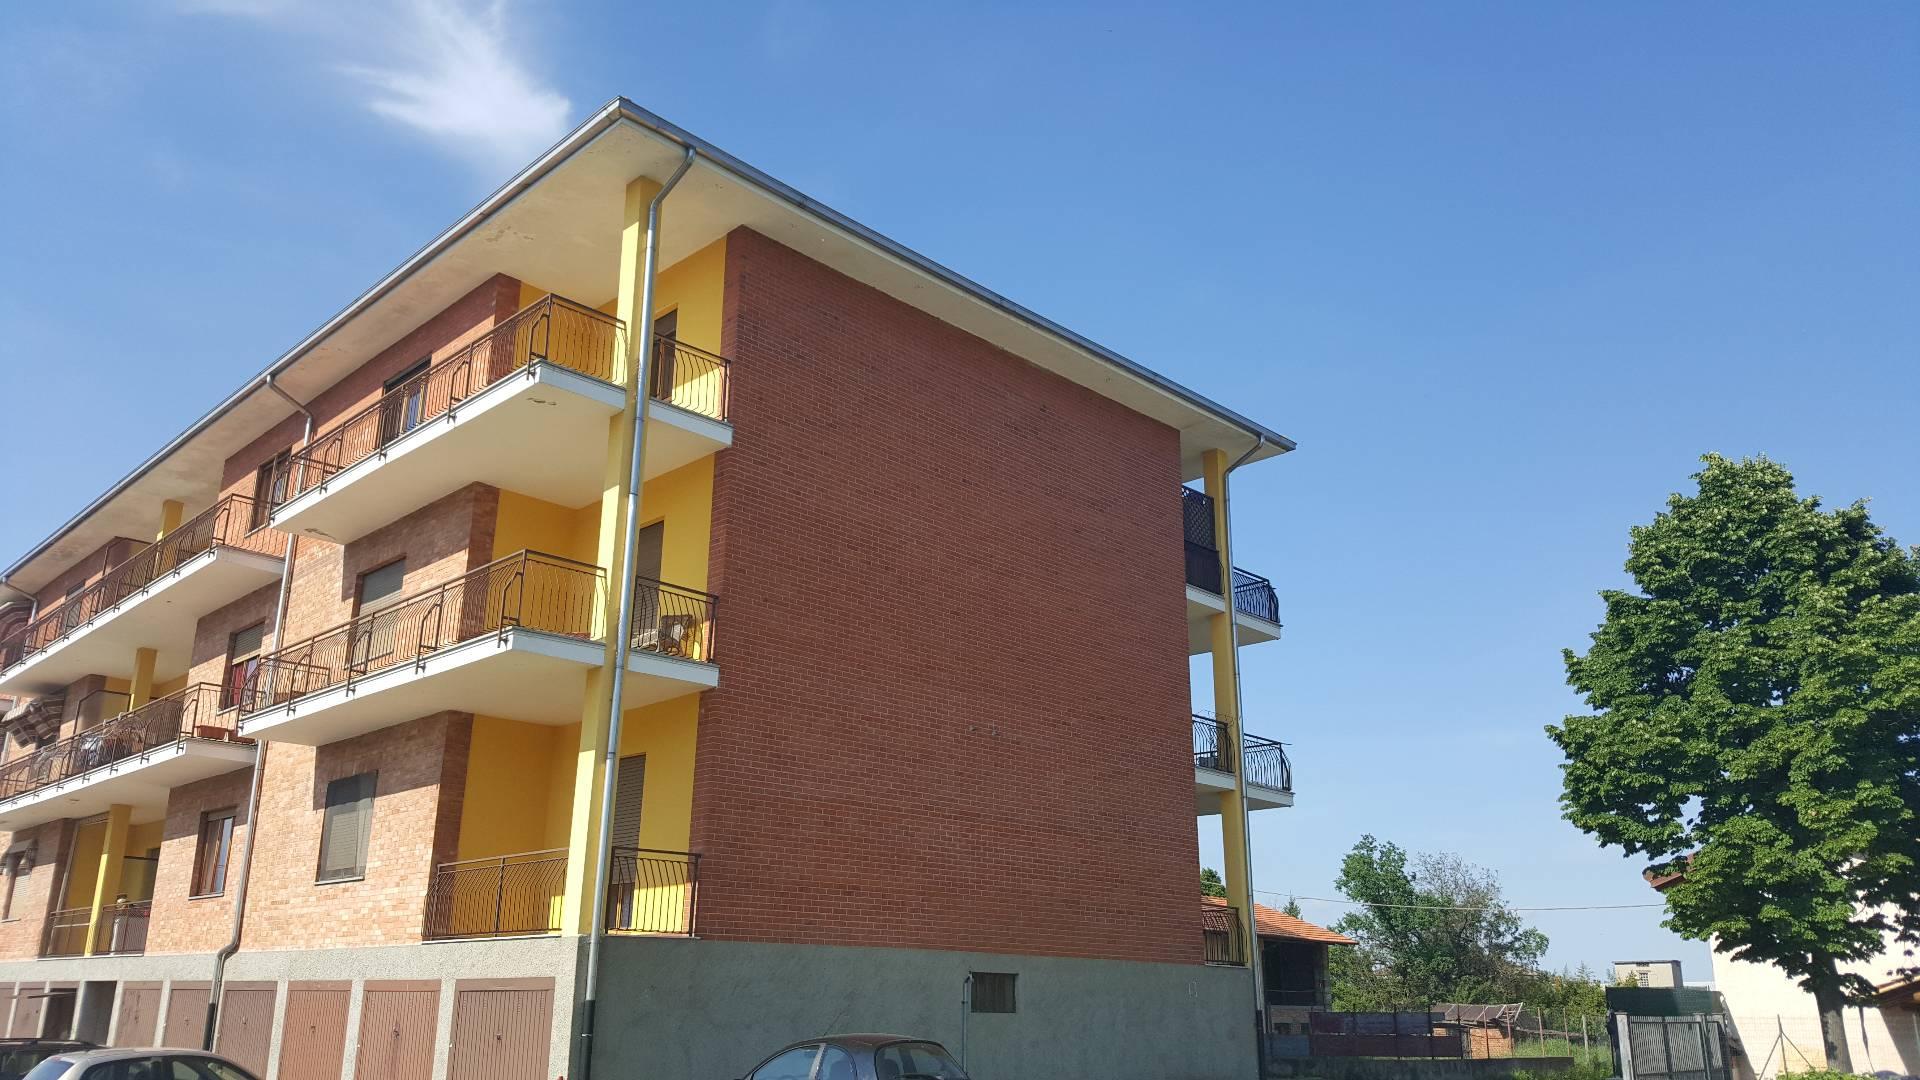 Appartamento in Vendita a Cerrione: 4 locali, 110 mq